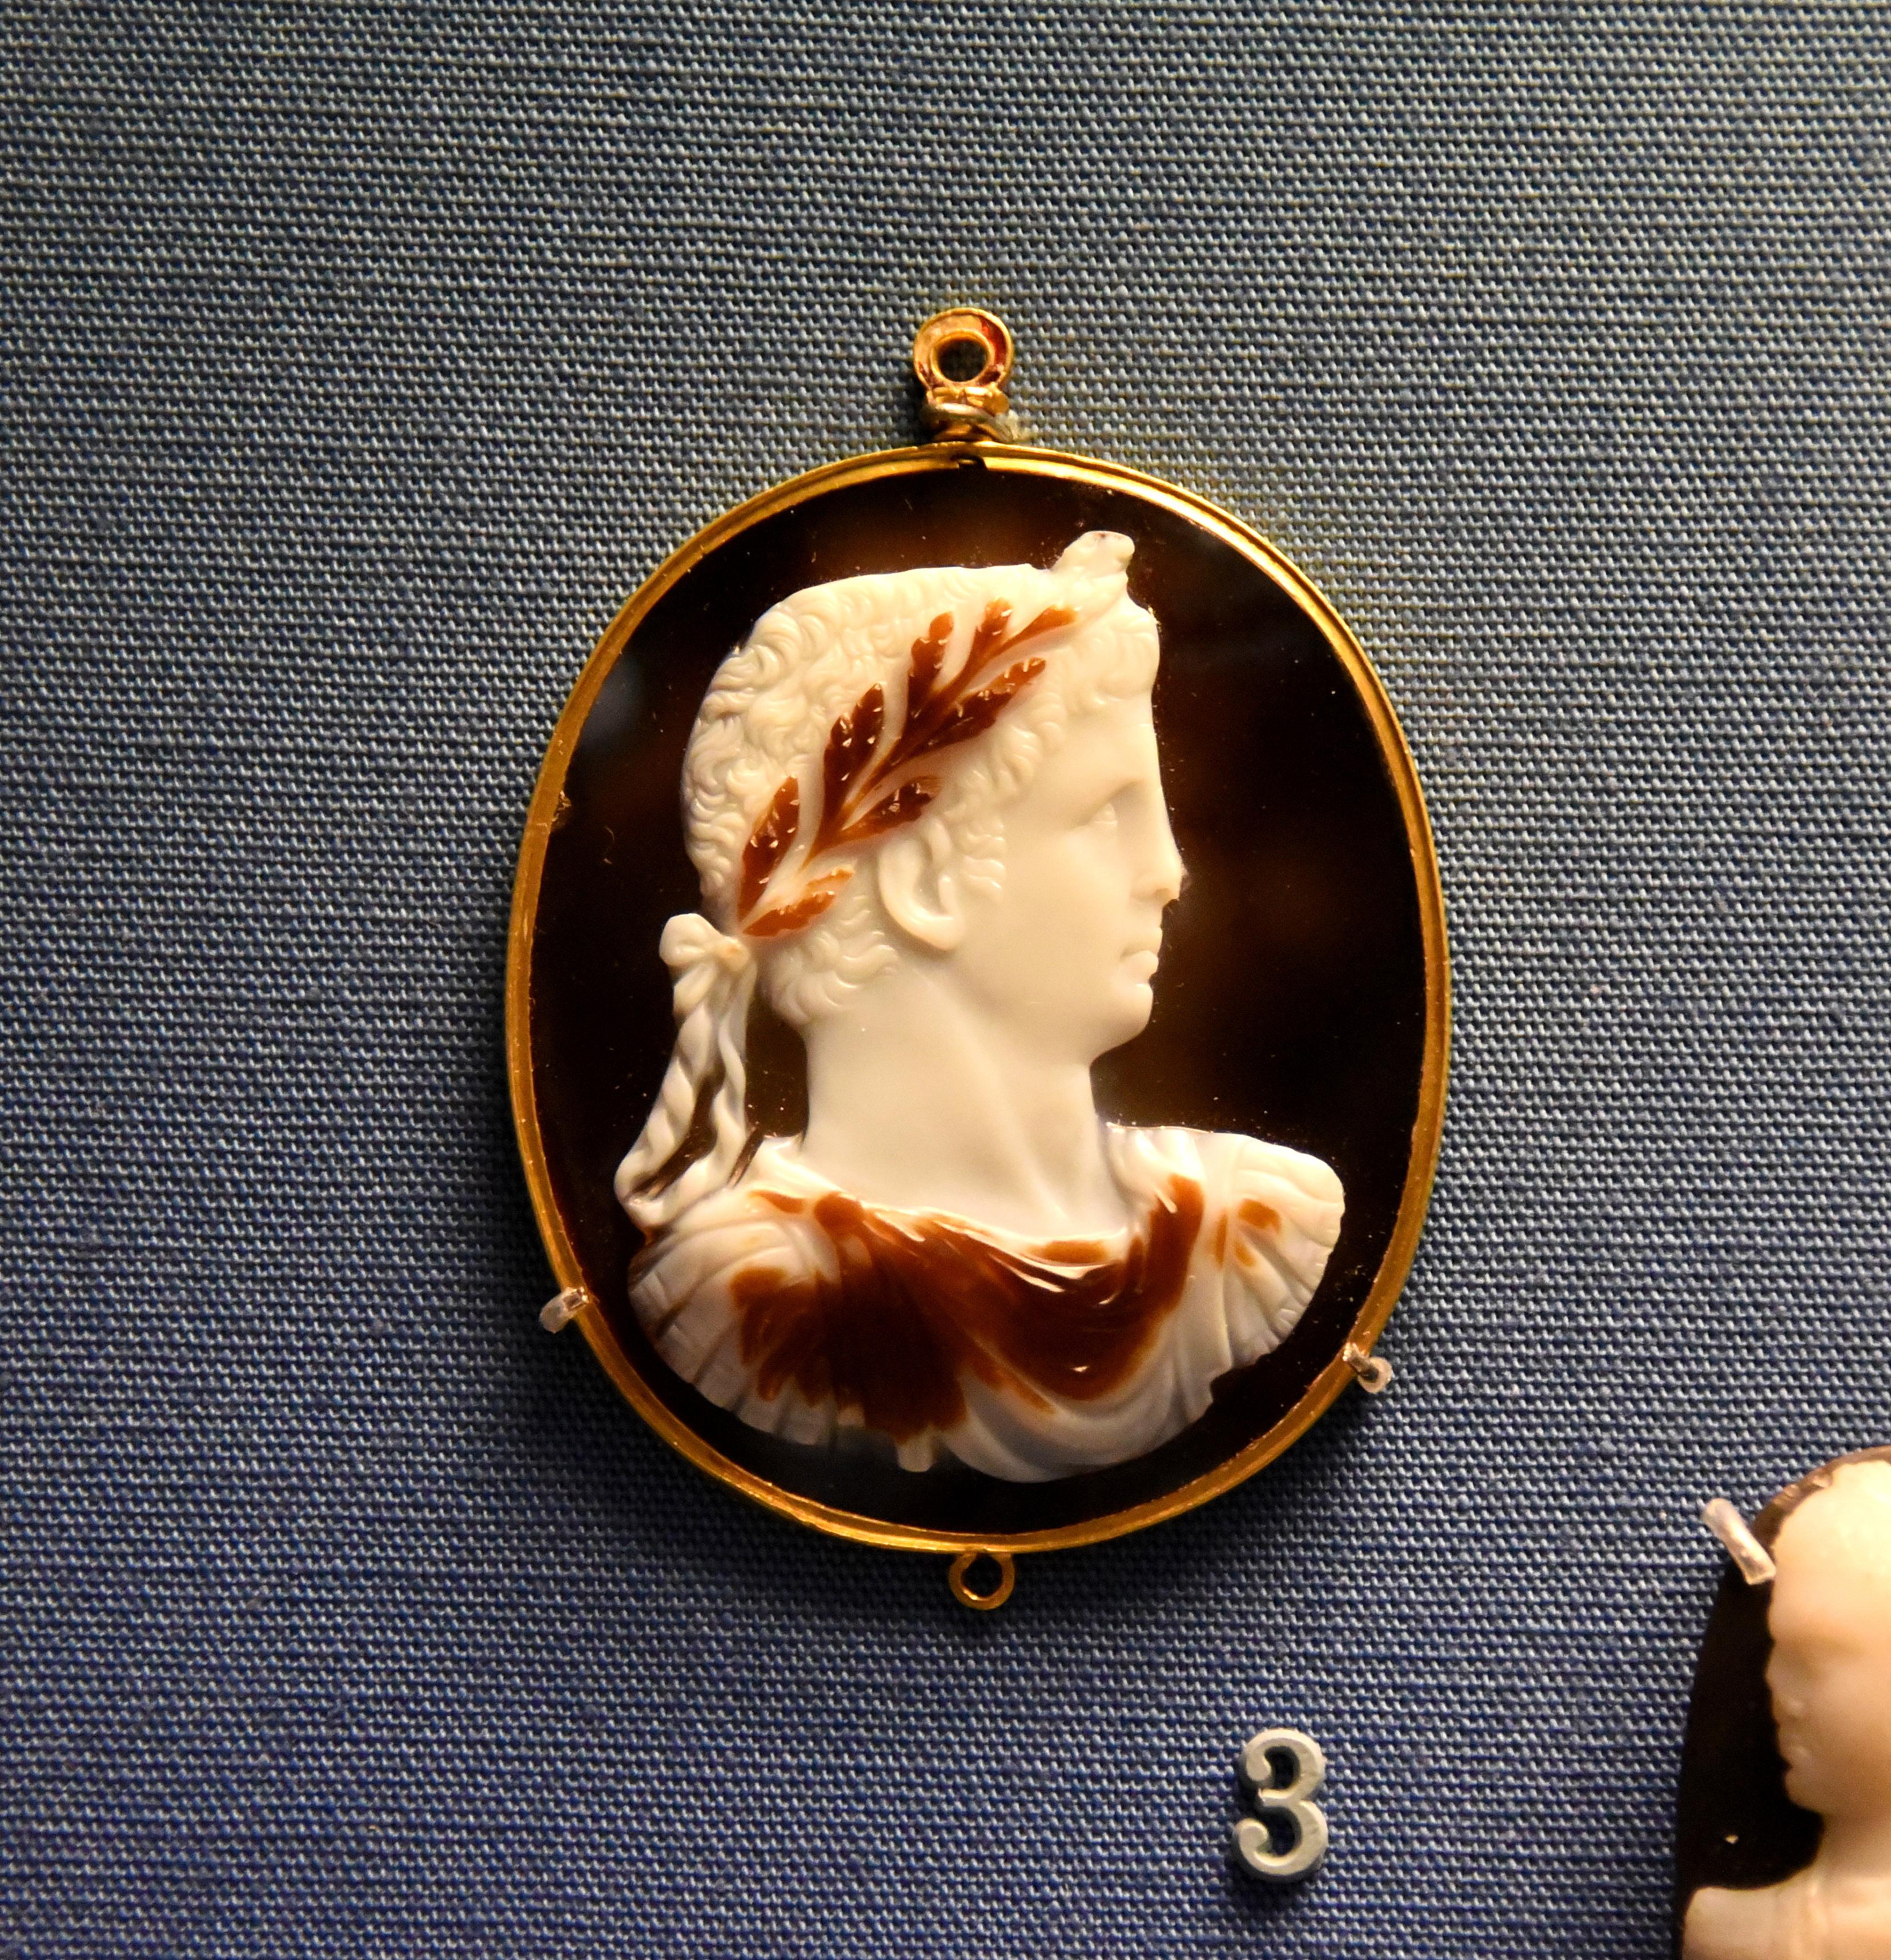 Cameo of Emperor Claudius